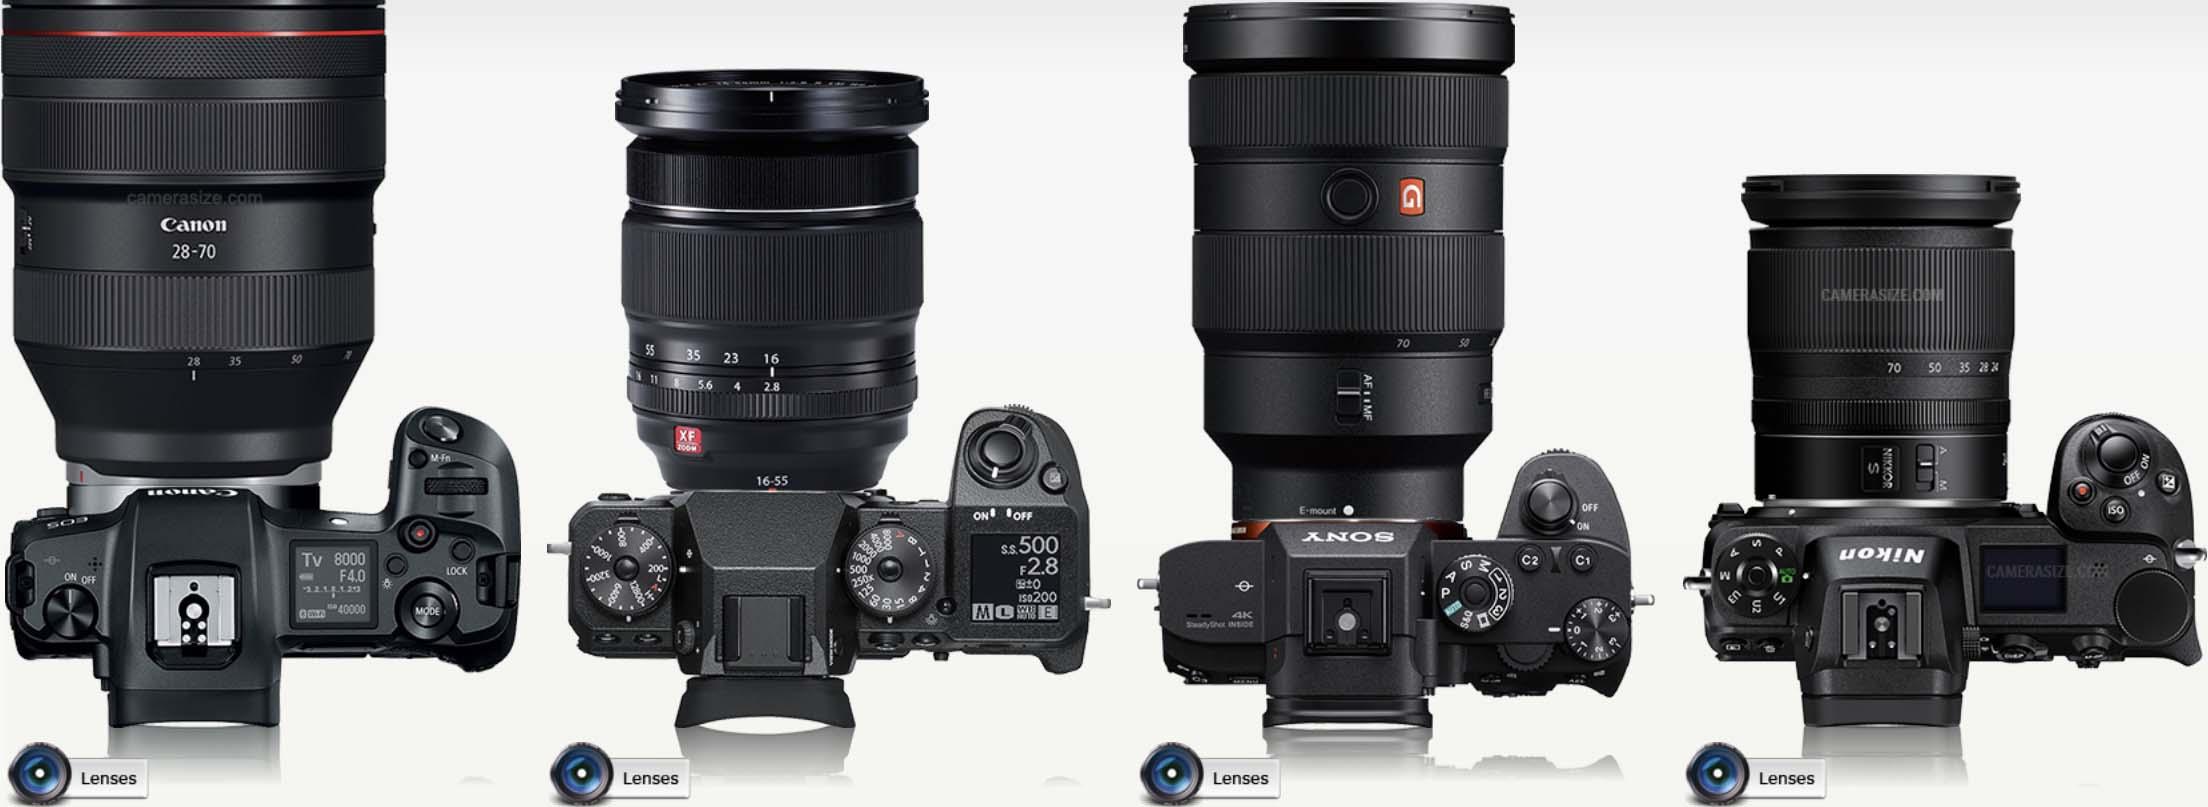 Size Comparison Canon EOS R vs Fujifilm X-H1 vs Sony a7RIII vs Nikon